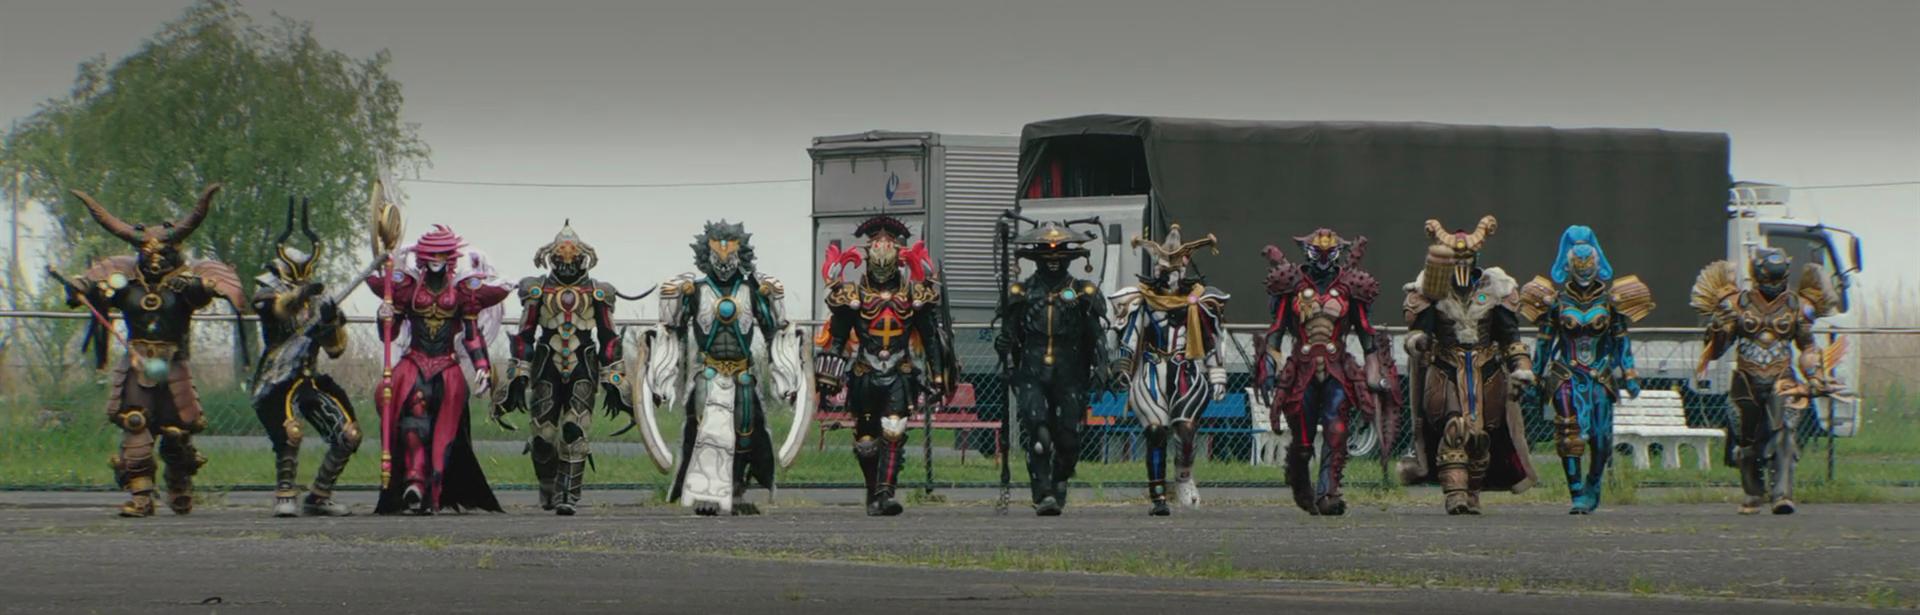 Category:Horoscopes | Kamen Rider Wiki | Fandom